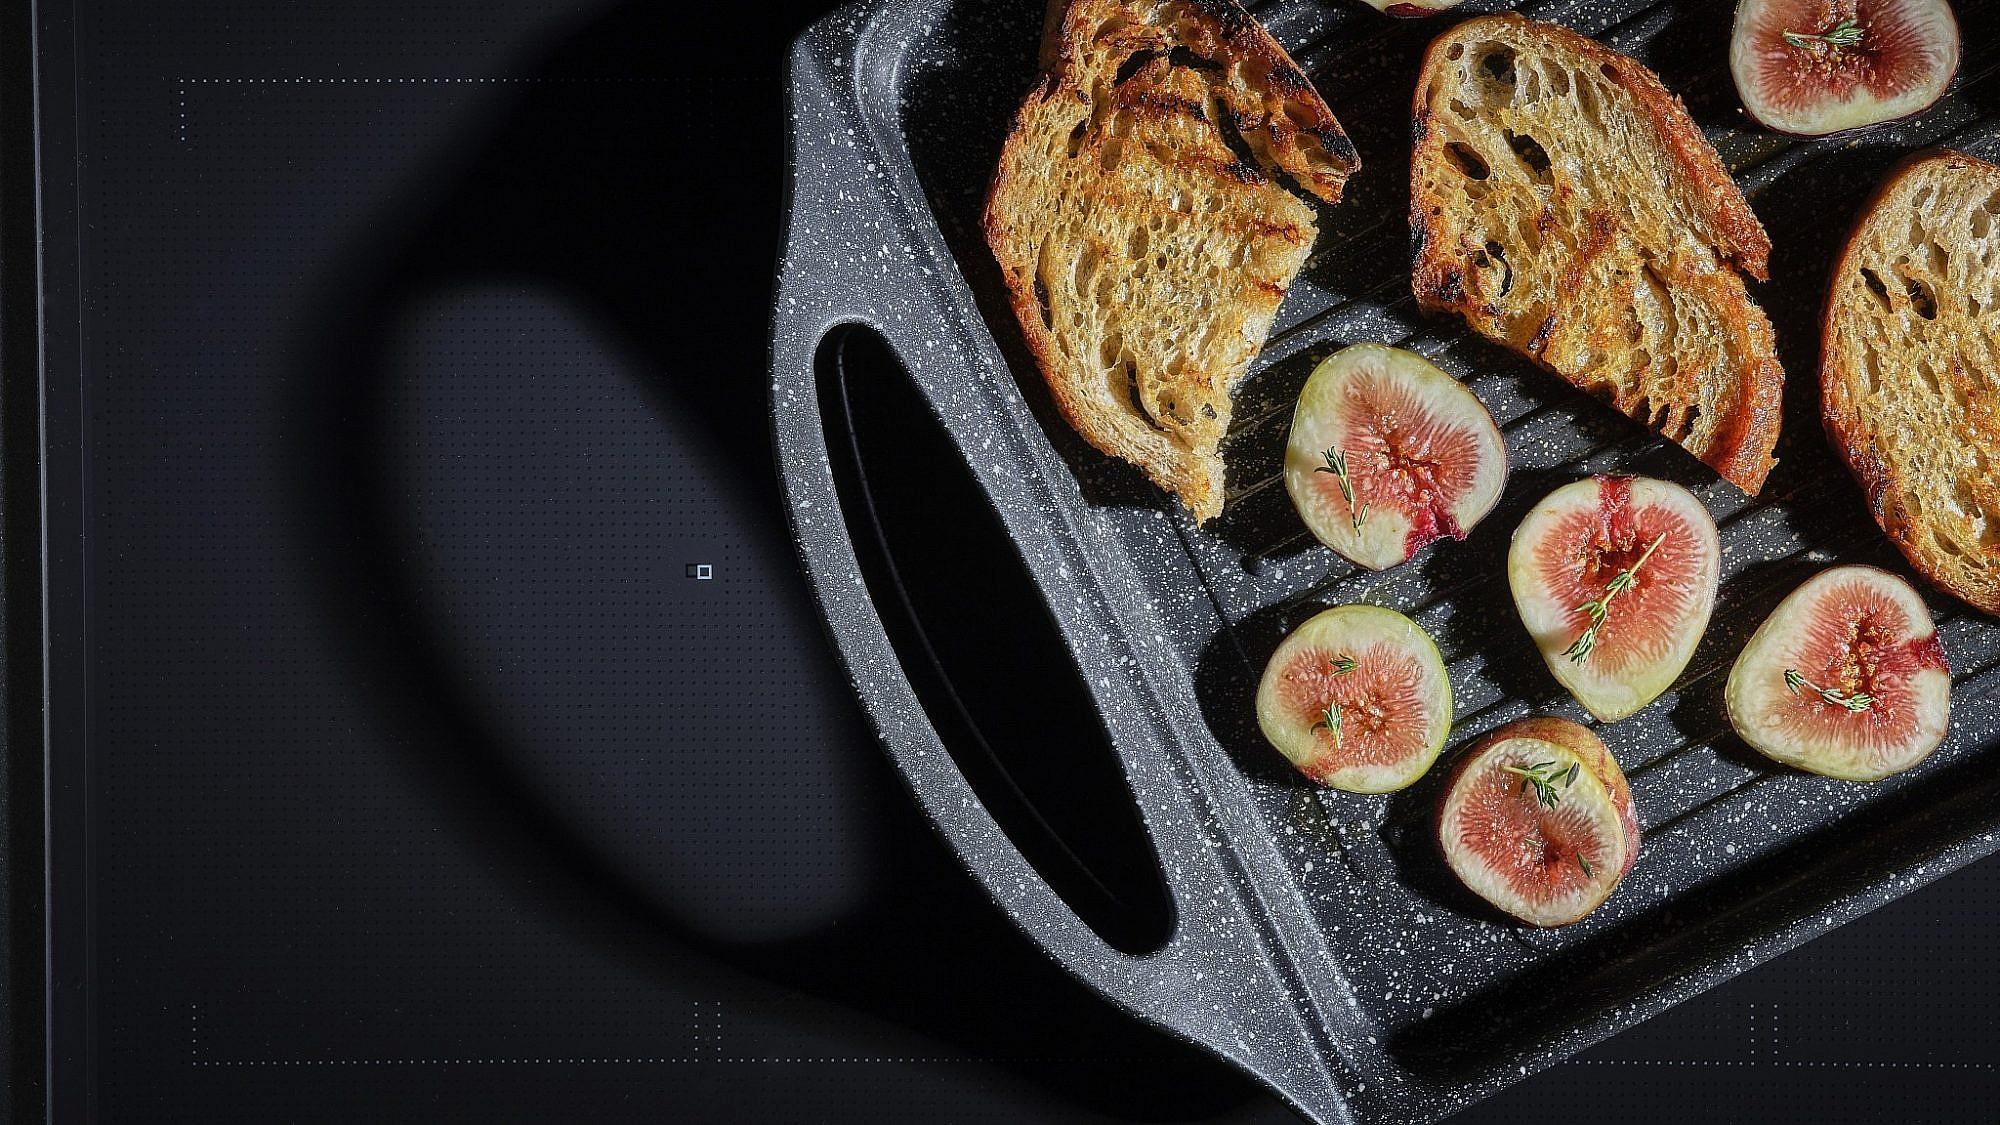 סביצ'ה ותאנים צלויות על ברוסקטה של שף אודי ברקן. צילום: אנטולי מיכאלו. סטיילינג: תמר גוז'ינסקי